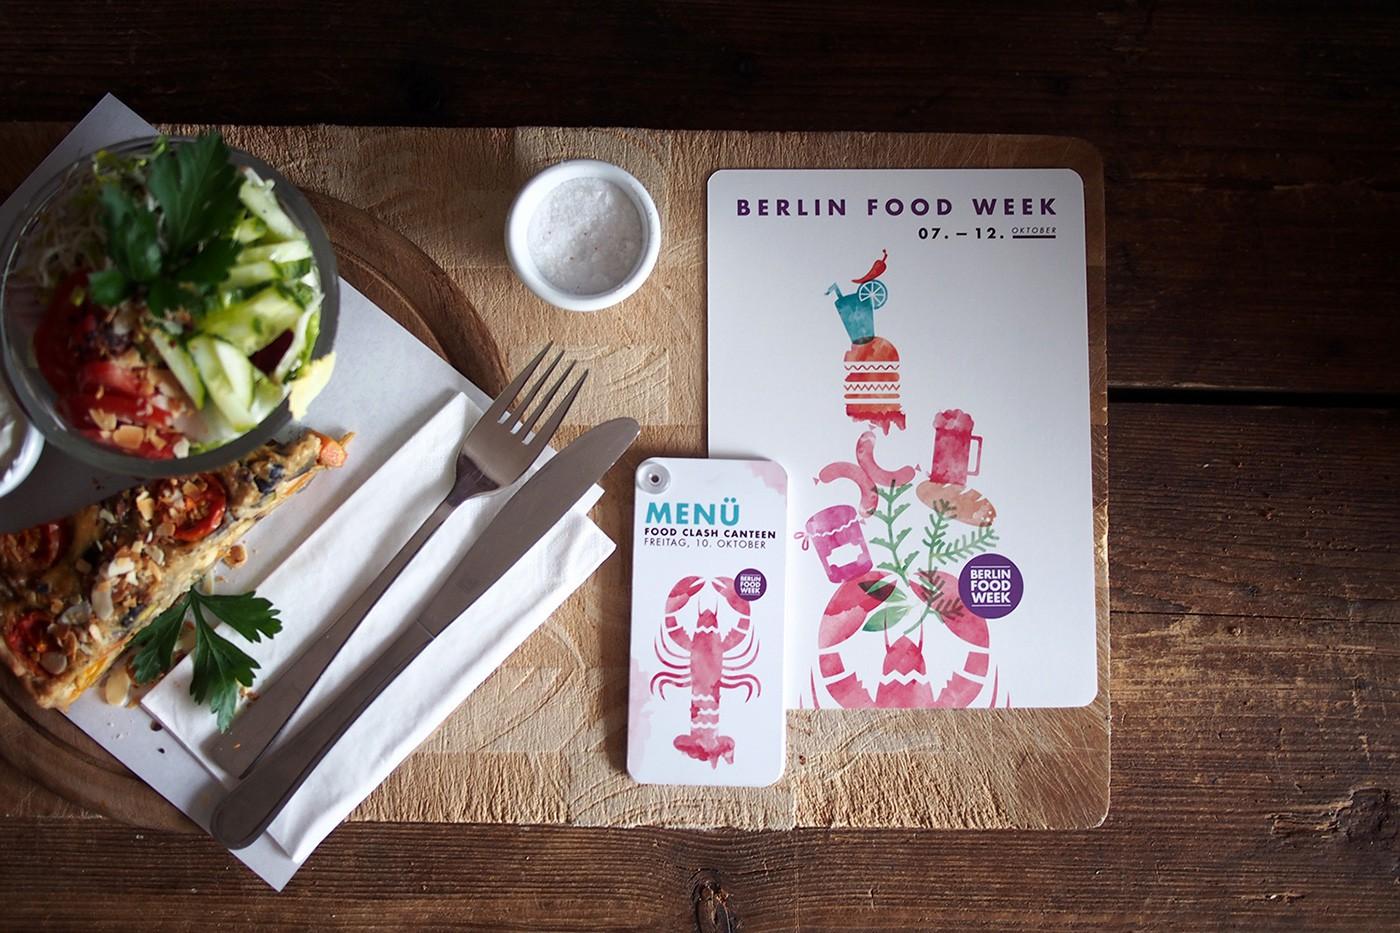 Berlin Food Week 2014 design by upstruct